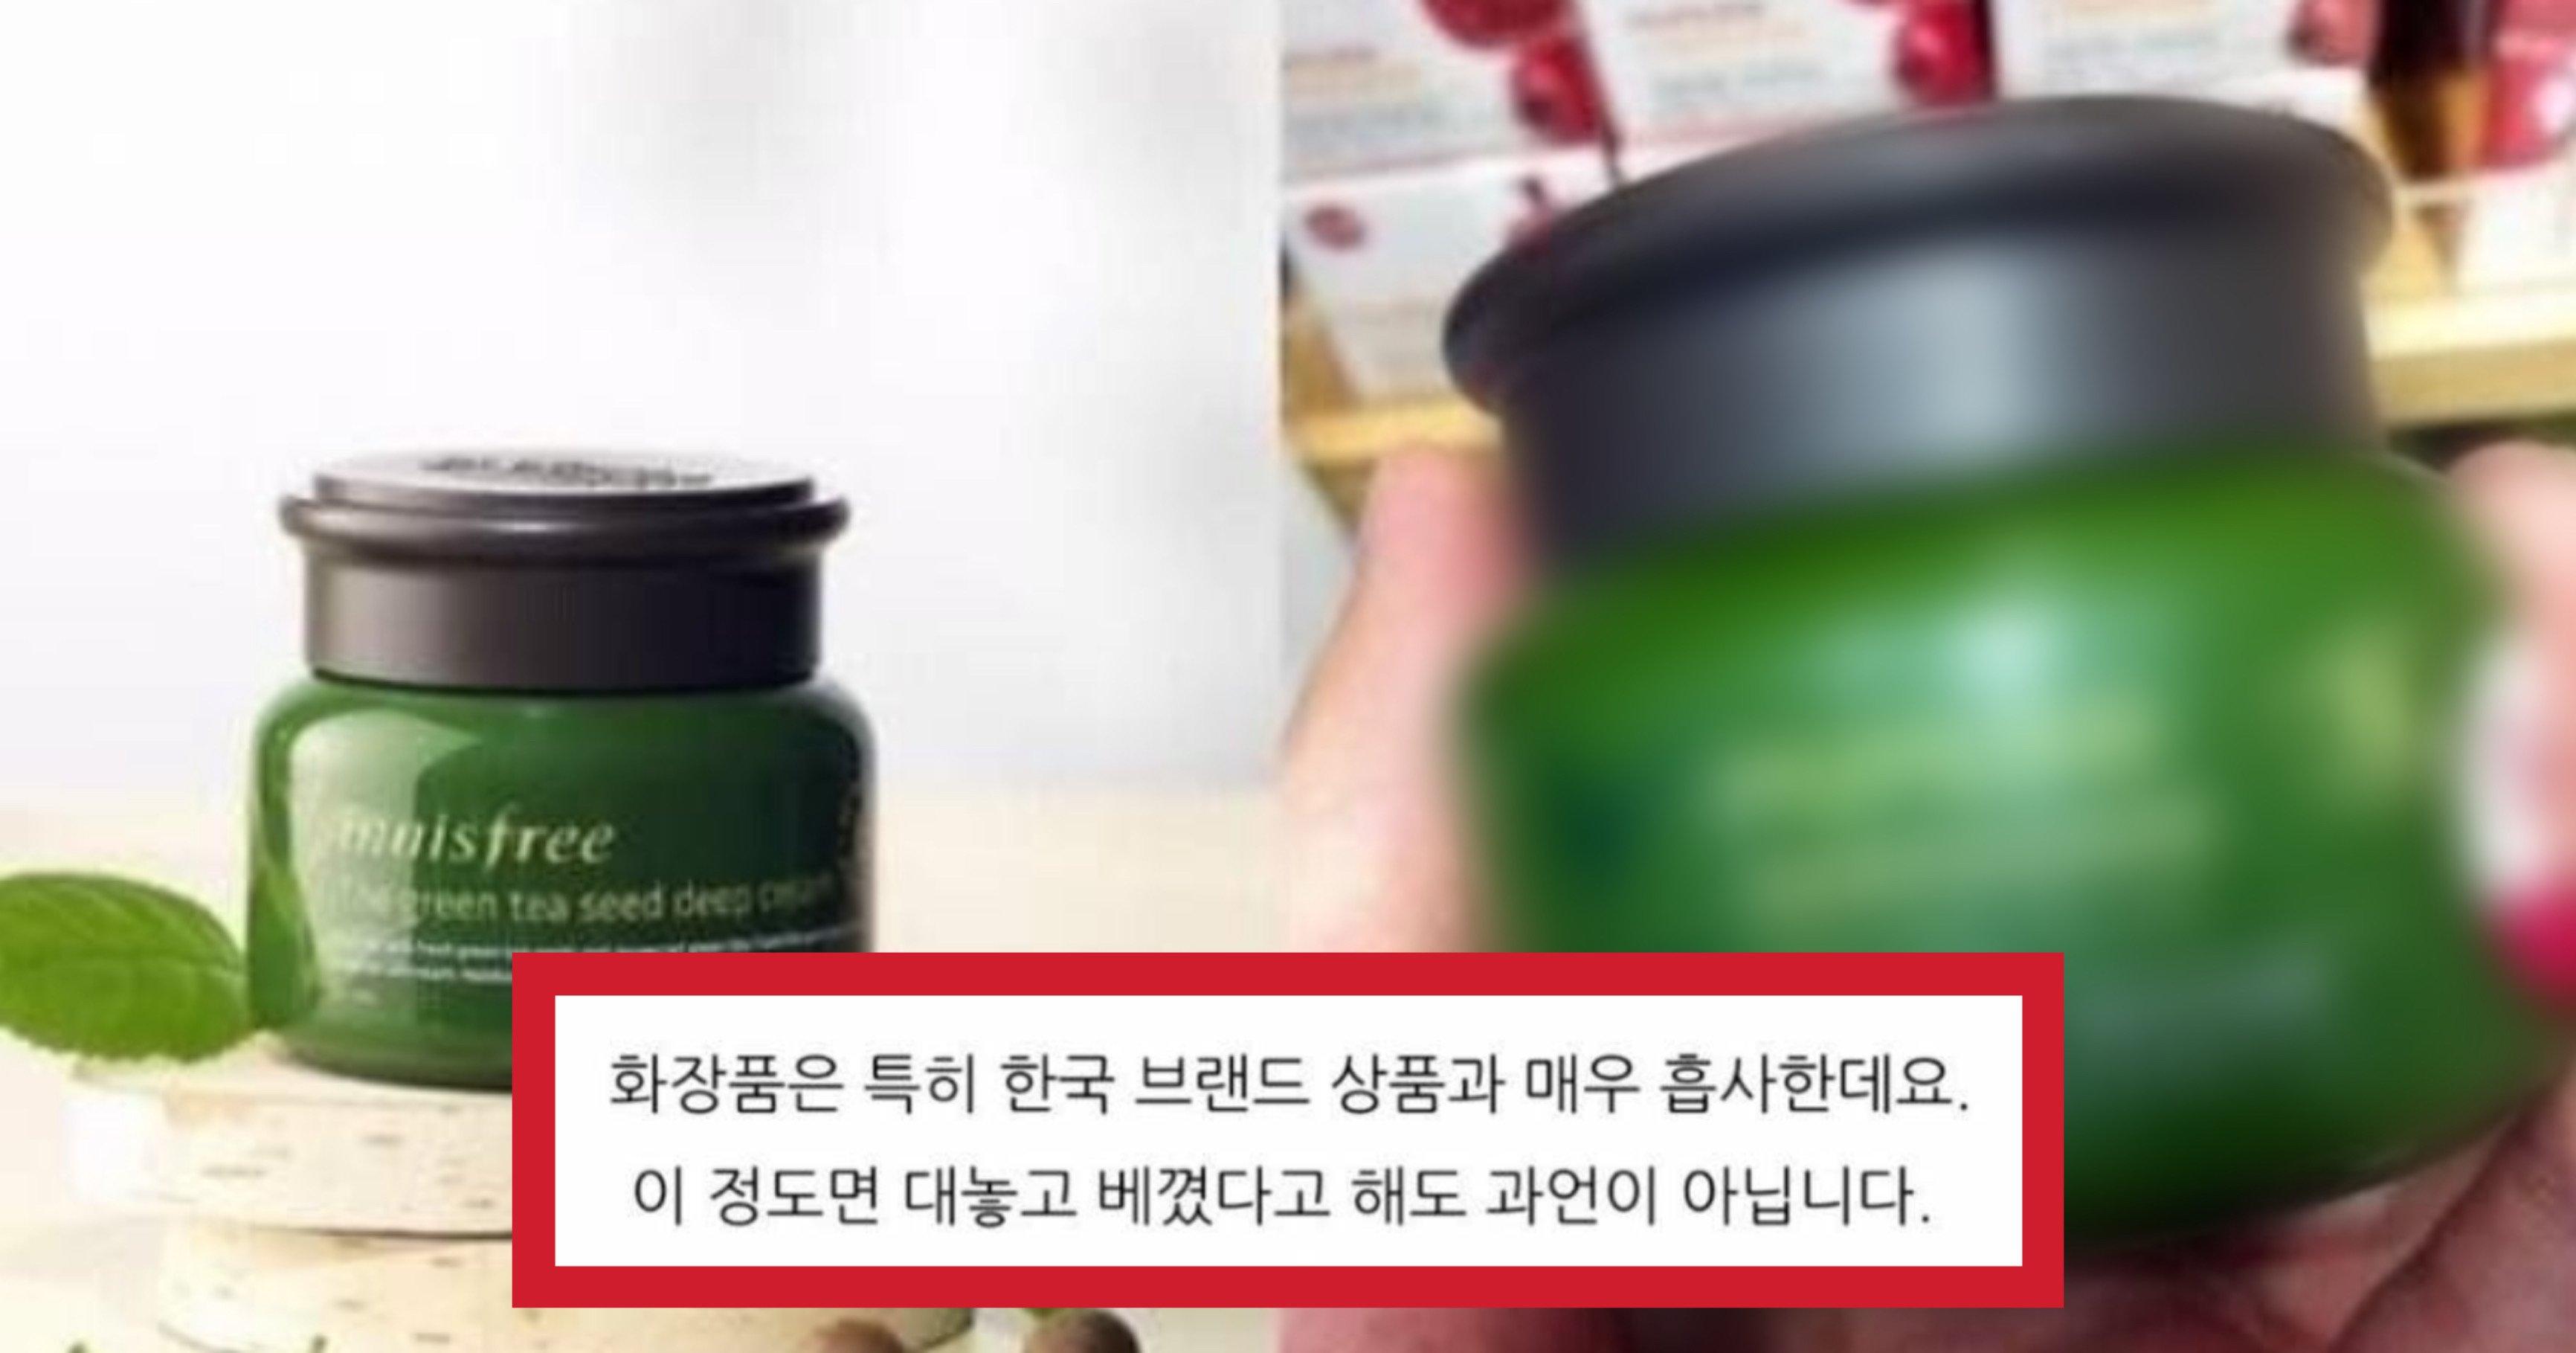 """bc444778 9811 475f 9c60 e19928a6c7f6.jpeg?resize=1200,630 - """"엥 이거 우리나라 브랜드 아니였어?""""..아무도 몰랐다는 한국 브랜드인 척 하는 중국 제품들(+사진)"""